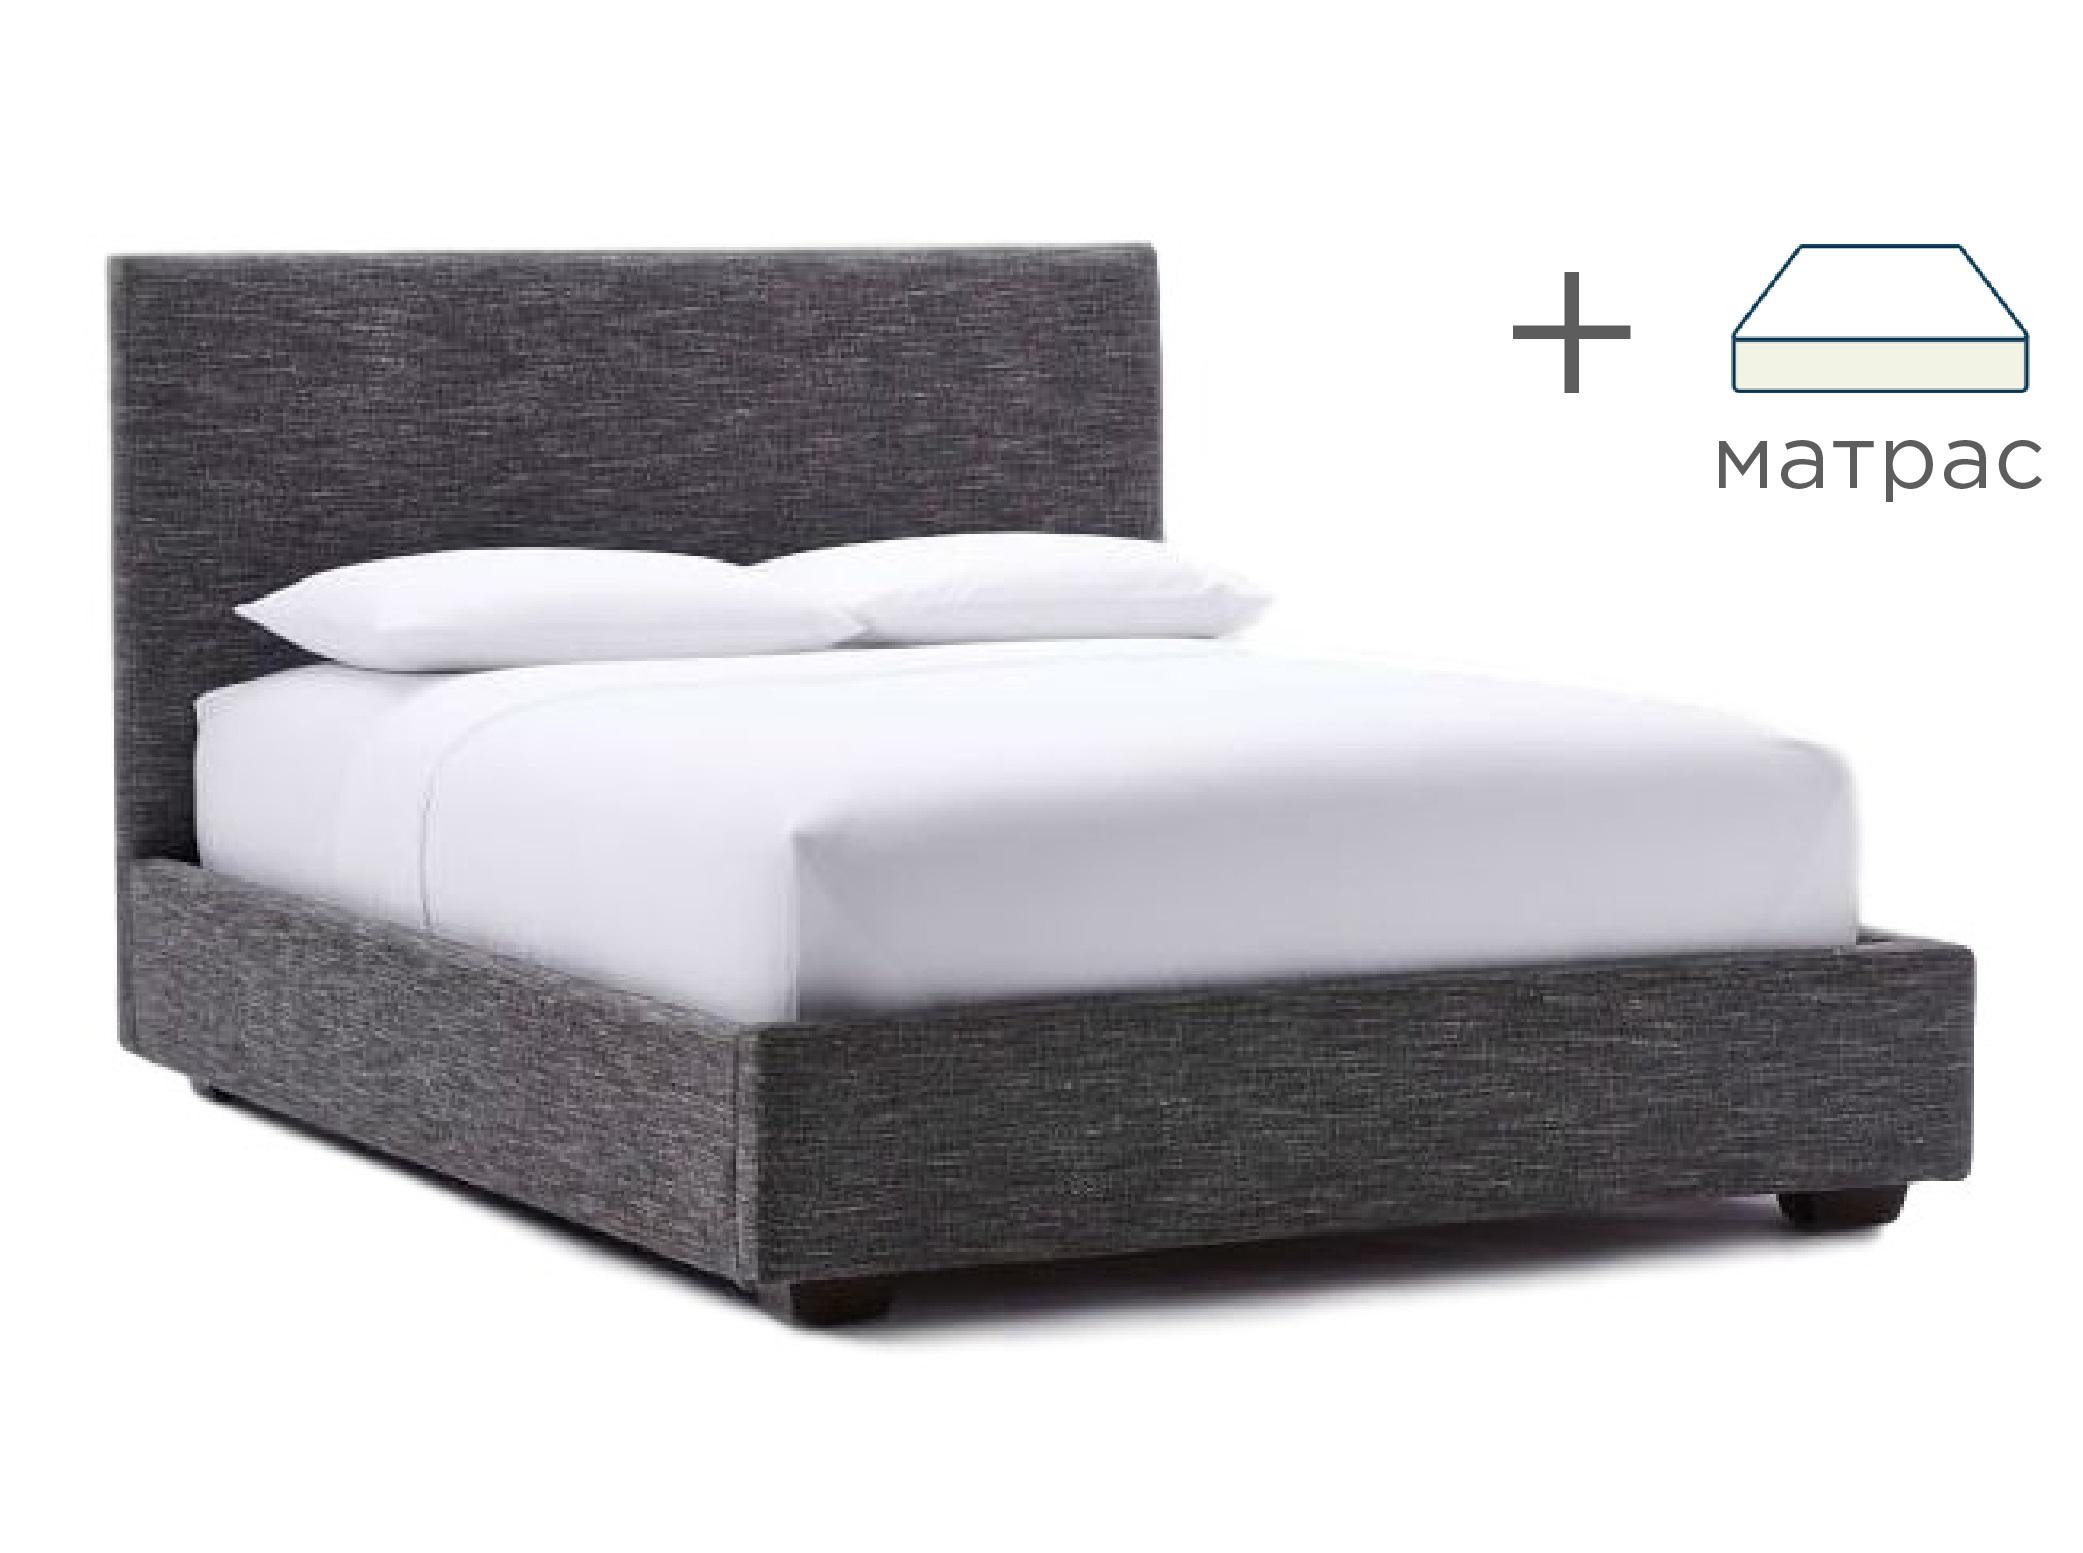 Кровать Mr Smith с матрасомКровати + матрасы<br>&amp;lt;div&amp;gt;Выгодная скидка при покупке комплекта!&amp;lt;/div&amp;gt;&amp;lt;div&amp;gt;Кровать в скандинавском стиле вместе с ортопедическим матрасом &amp;quot;Ascona Terapia Pulse&amp;quot;&amp;lt;/div&amp;gt;&amp;lt;div&amp;gt;&amp;lt;br&amp;gt;&amp;lt;/div&amp;gt;&amp;lt;div&amp;gt;Характеристики кровати:&amp;lt;/div&amp;gt;&amp;lt;div&amp;gt;Размер спального места: 160*200&amp;lt;/div&amp;gt;&amp;lt;div&amp;gt;Материалы: бук, текстиль&amp;amp;nbsp;&amp;lt;/div&amp;gt;&amp;lt;div&amp;gt;Варианты исполнения: более 200 цветов высокой категории&amp;amp;nbsp;&amp;lt;/div&amp;gt;&amp;lt;div&amp;gt;&amp;lt;br&amp;gt;&amp;lt;/div&amp;gt;&amp;lt;div&amp;gt;Характеристики матраса:&amp;lt;/div&amp;gt;&amp;lt;div&amp;gt;100% хлопковый жаккард с антибактериальной пропиткой с ионами Ag+&amp;lt;/div&amp;gt;&amp;lt;div&amp;gt;Блок независимых пружин «Песочные часы Extra»&amp;lt;/div&amp;gt;&amp;lt;div&amp;gt;Короб по периметру из пены Orto Foam®&amp;lt;/div&amp;gt;&amp;lt;div&amp;gt;Жесткость: низкая&amp;lt;/div&amp;gt;<br><br>Material: Текстиль<br>Ширина см: 215<br>Высота см: 142<br>Глубина см: 174